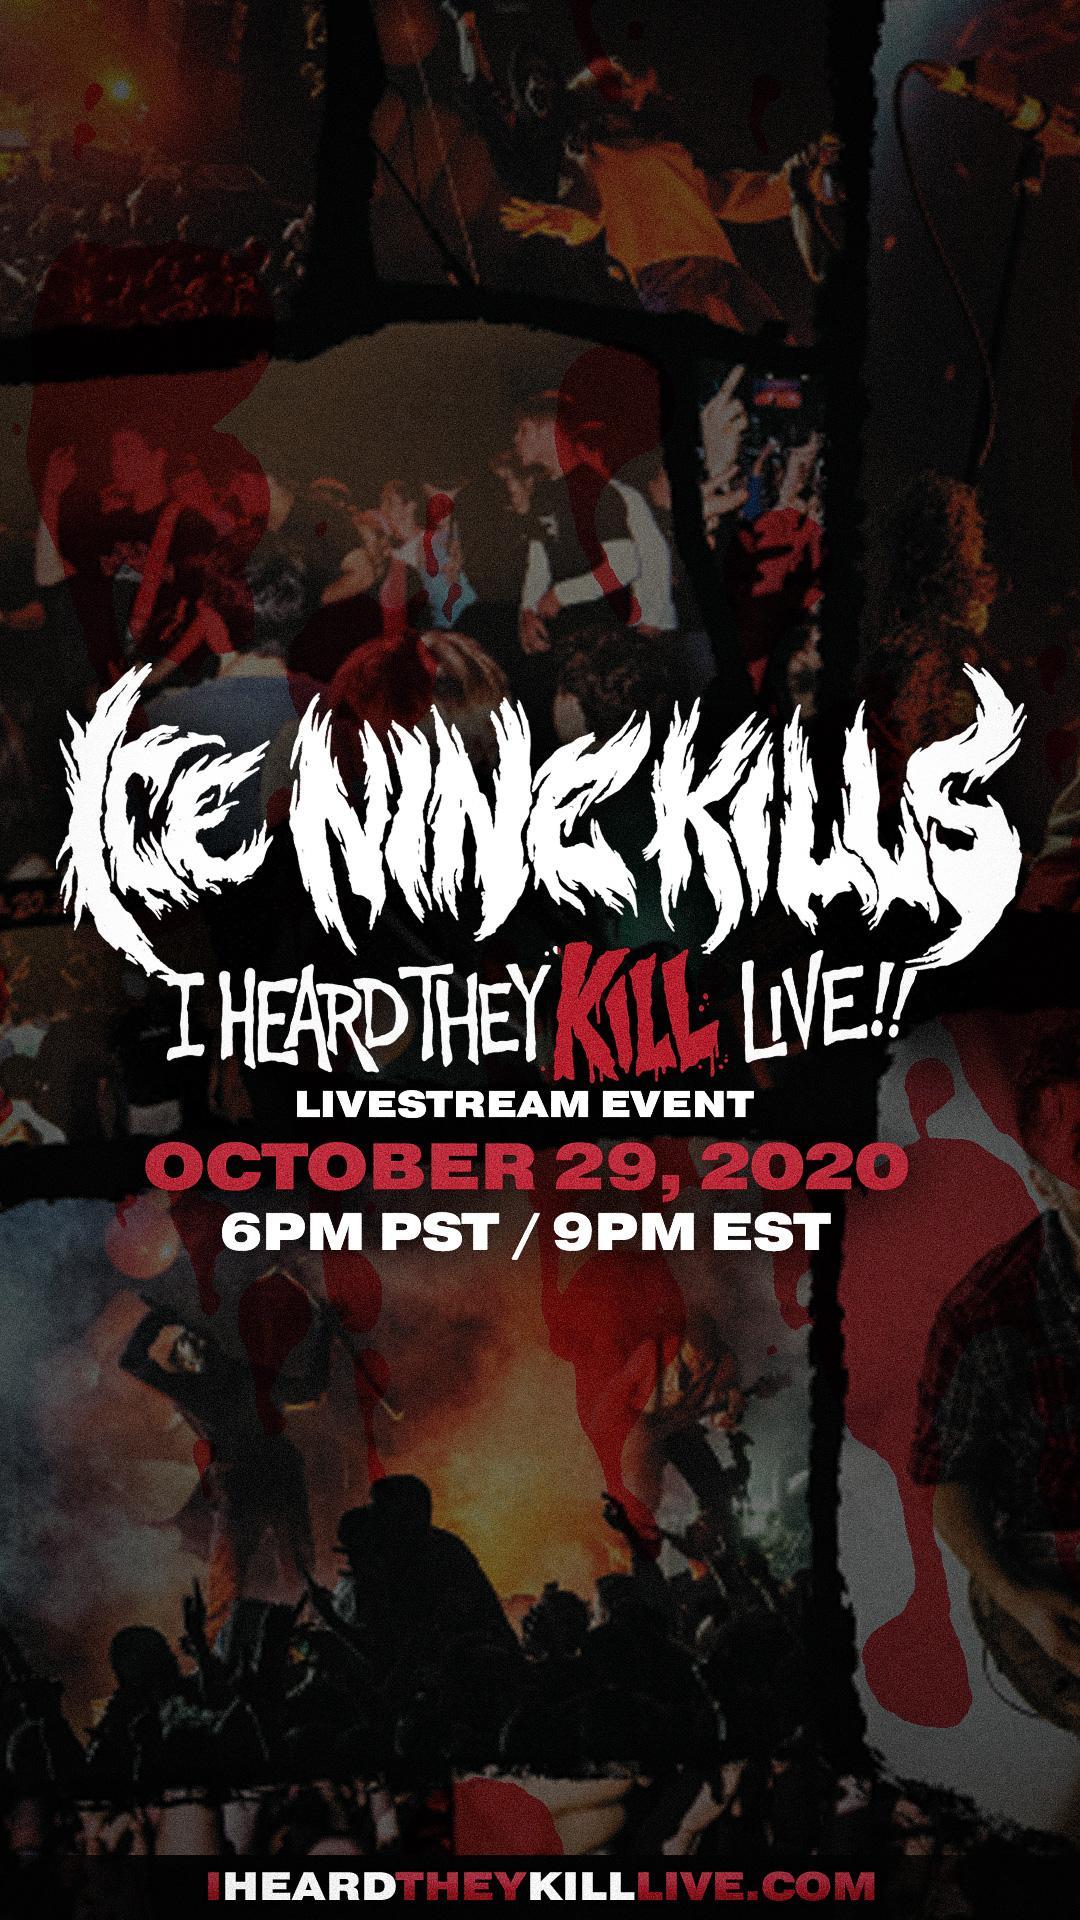 Ice Nine Kills: I Heard They Kill Live! Livestream Concert